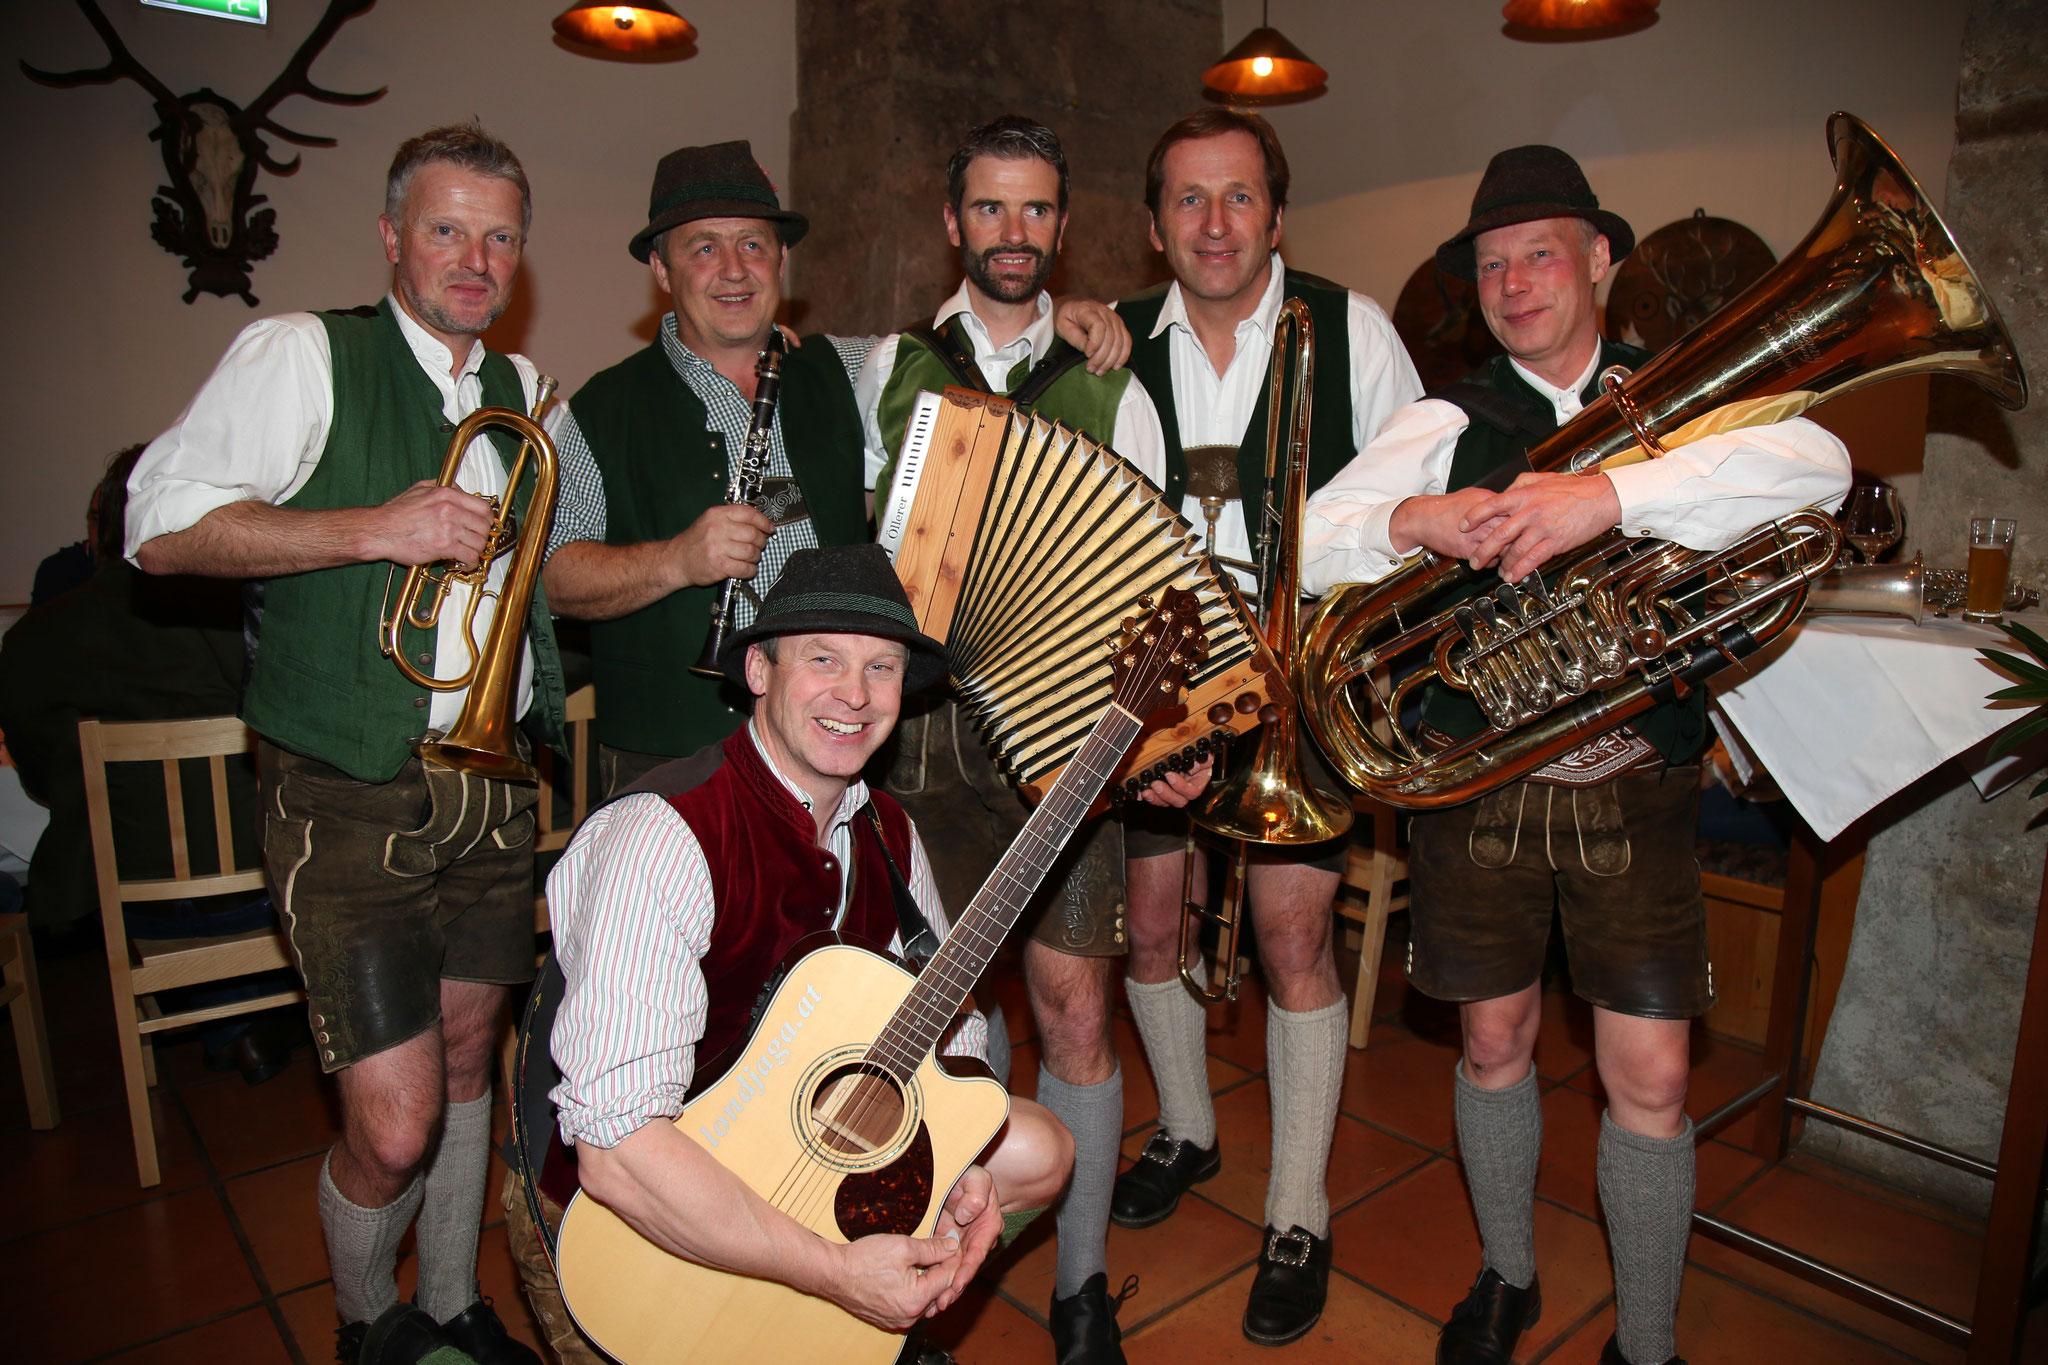 Sorgten für tolle Begleitung: Die steirischen Musikanten!